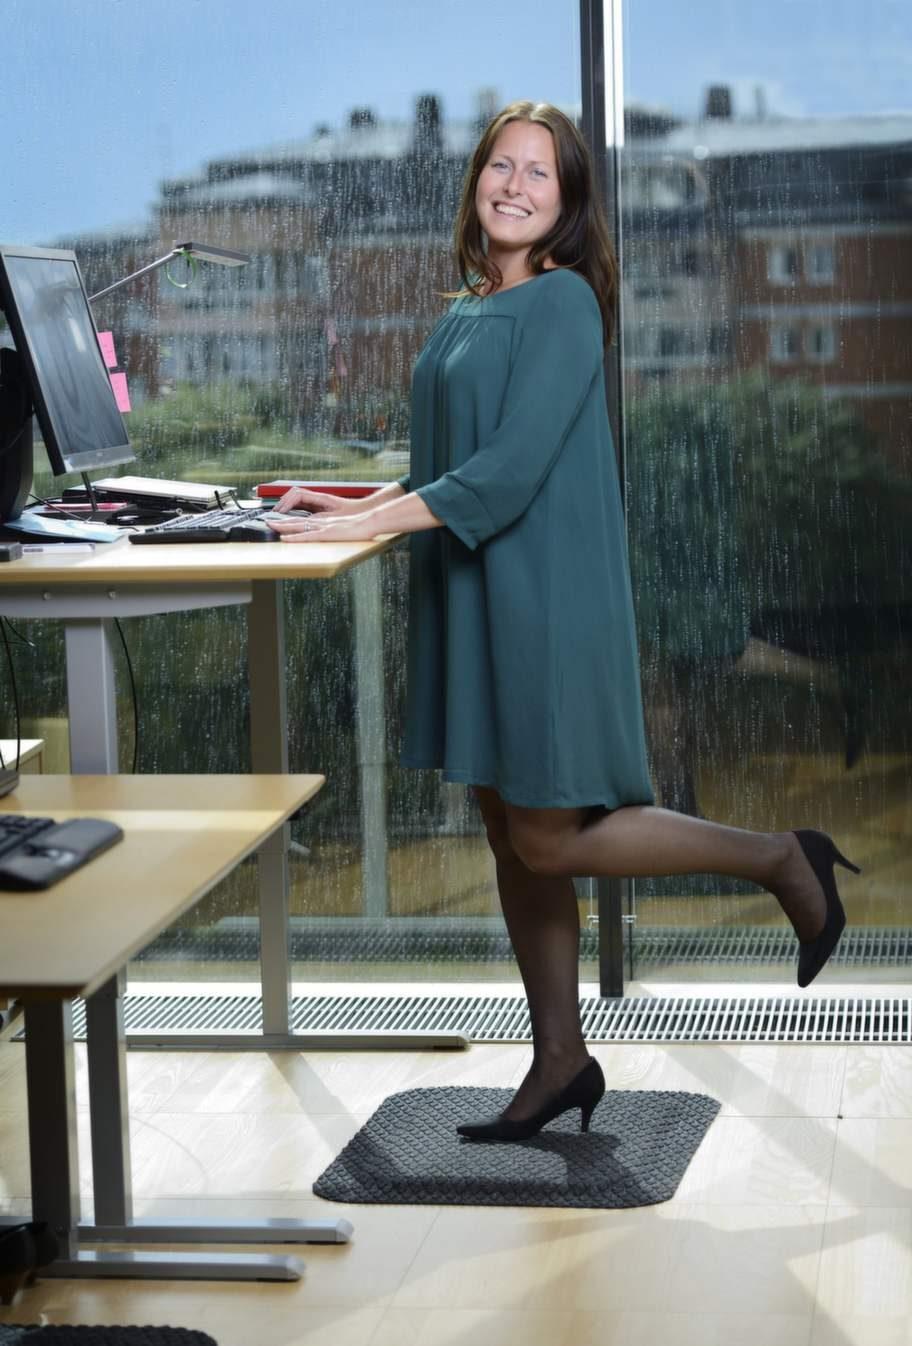 """<strong>STÅMATTA</strong><br><strong>Christina Söderlund, 33 år, vd-sekreterare på Postkodlotteriet, har  fått bättre hållning och bålstabilitet efter att börja stå halva sina  arbetsdagar.</strong><br>""""För ett och ett halvt år sedan såg jag en kollega som testade en ny sorts matta och sa till vår kontorschef att jag också ville prova eftersom jag får så dålig hållning när jag sitter mycket. Mattan gör en otrolig skillnad för fötterna och ryggen, jag kan stå mycket längre, till och med i högklackat. Innan stod jag kanske sammanlagt en och en halv timme, nu står jag halva dagarna och i början fick jag faktiskt träningsvärk i mage och rygg. Enda gångerna jag sätter mig ner är när jag behöver koncentrera mig extra mycket, som när jag ska fylla i ett Excelark eller redigera bilder, men ska jag bara läsa eller skriva mejl så står jag upp. Min hållning har blivit bättre, liksom bålstabiliteten. Nu har vi som arbetar nära varandra börjat pusha varandra, så när någon ställer sig upp följer alla andra efter."""""""